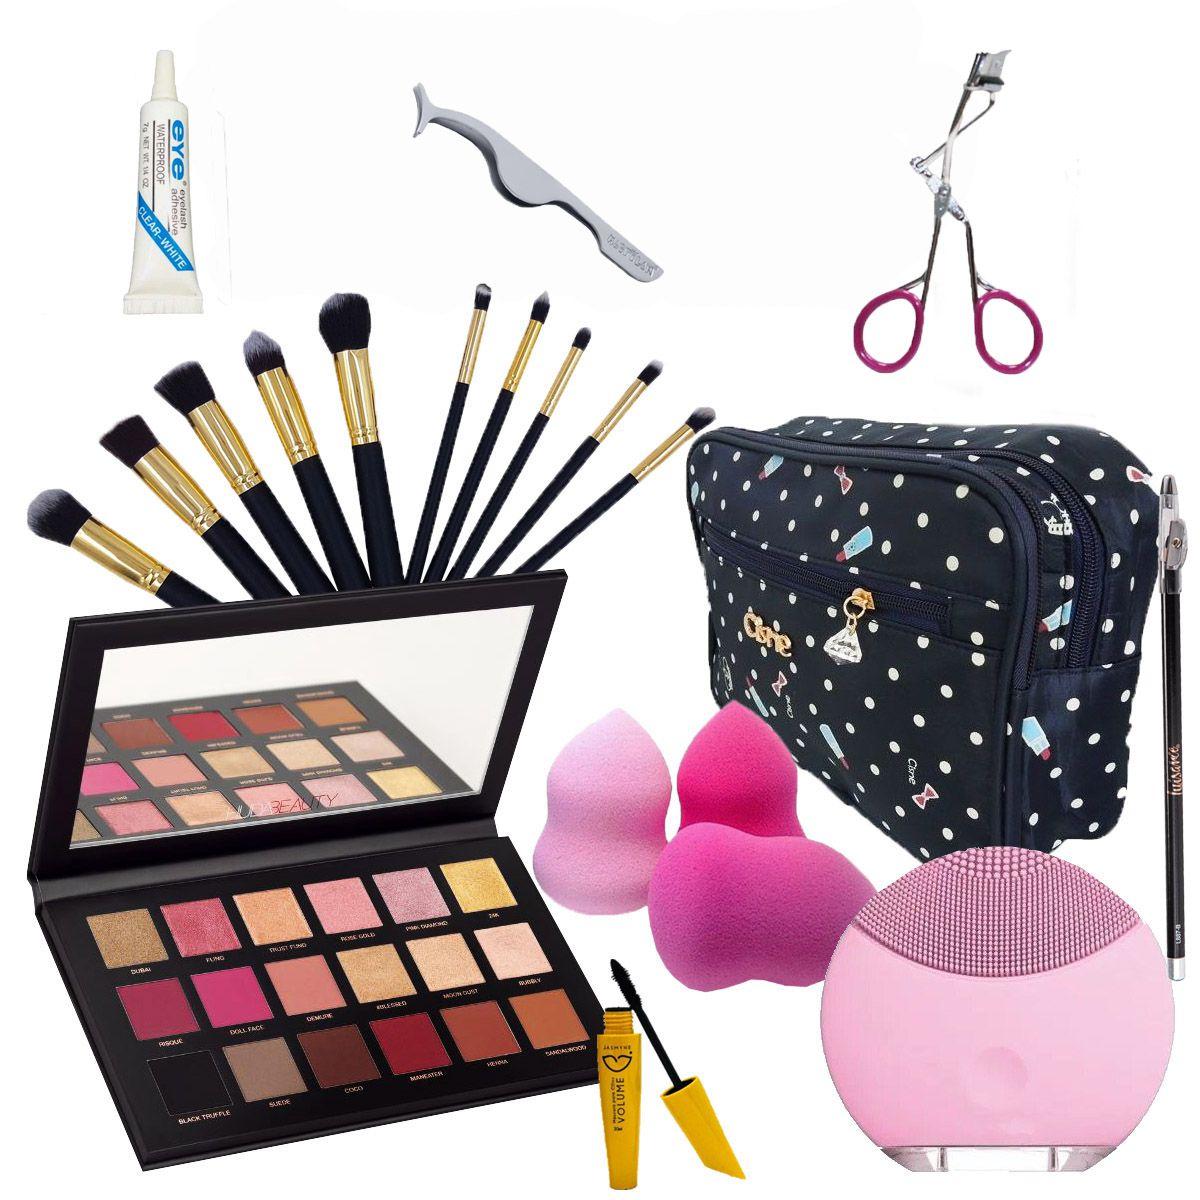 Kit Maquiagem Huda Beauty  C/ Necessaire e Escova De Limpeza Facial Elétrica